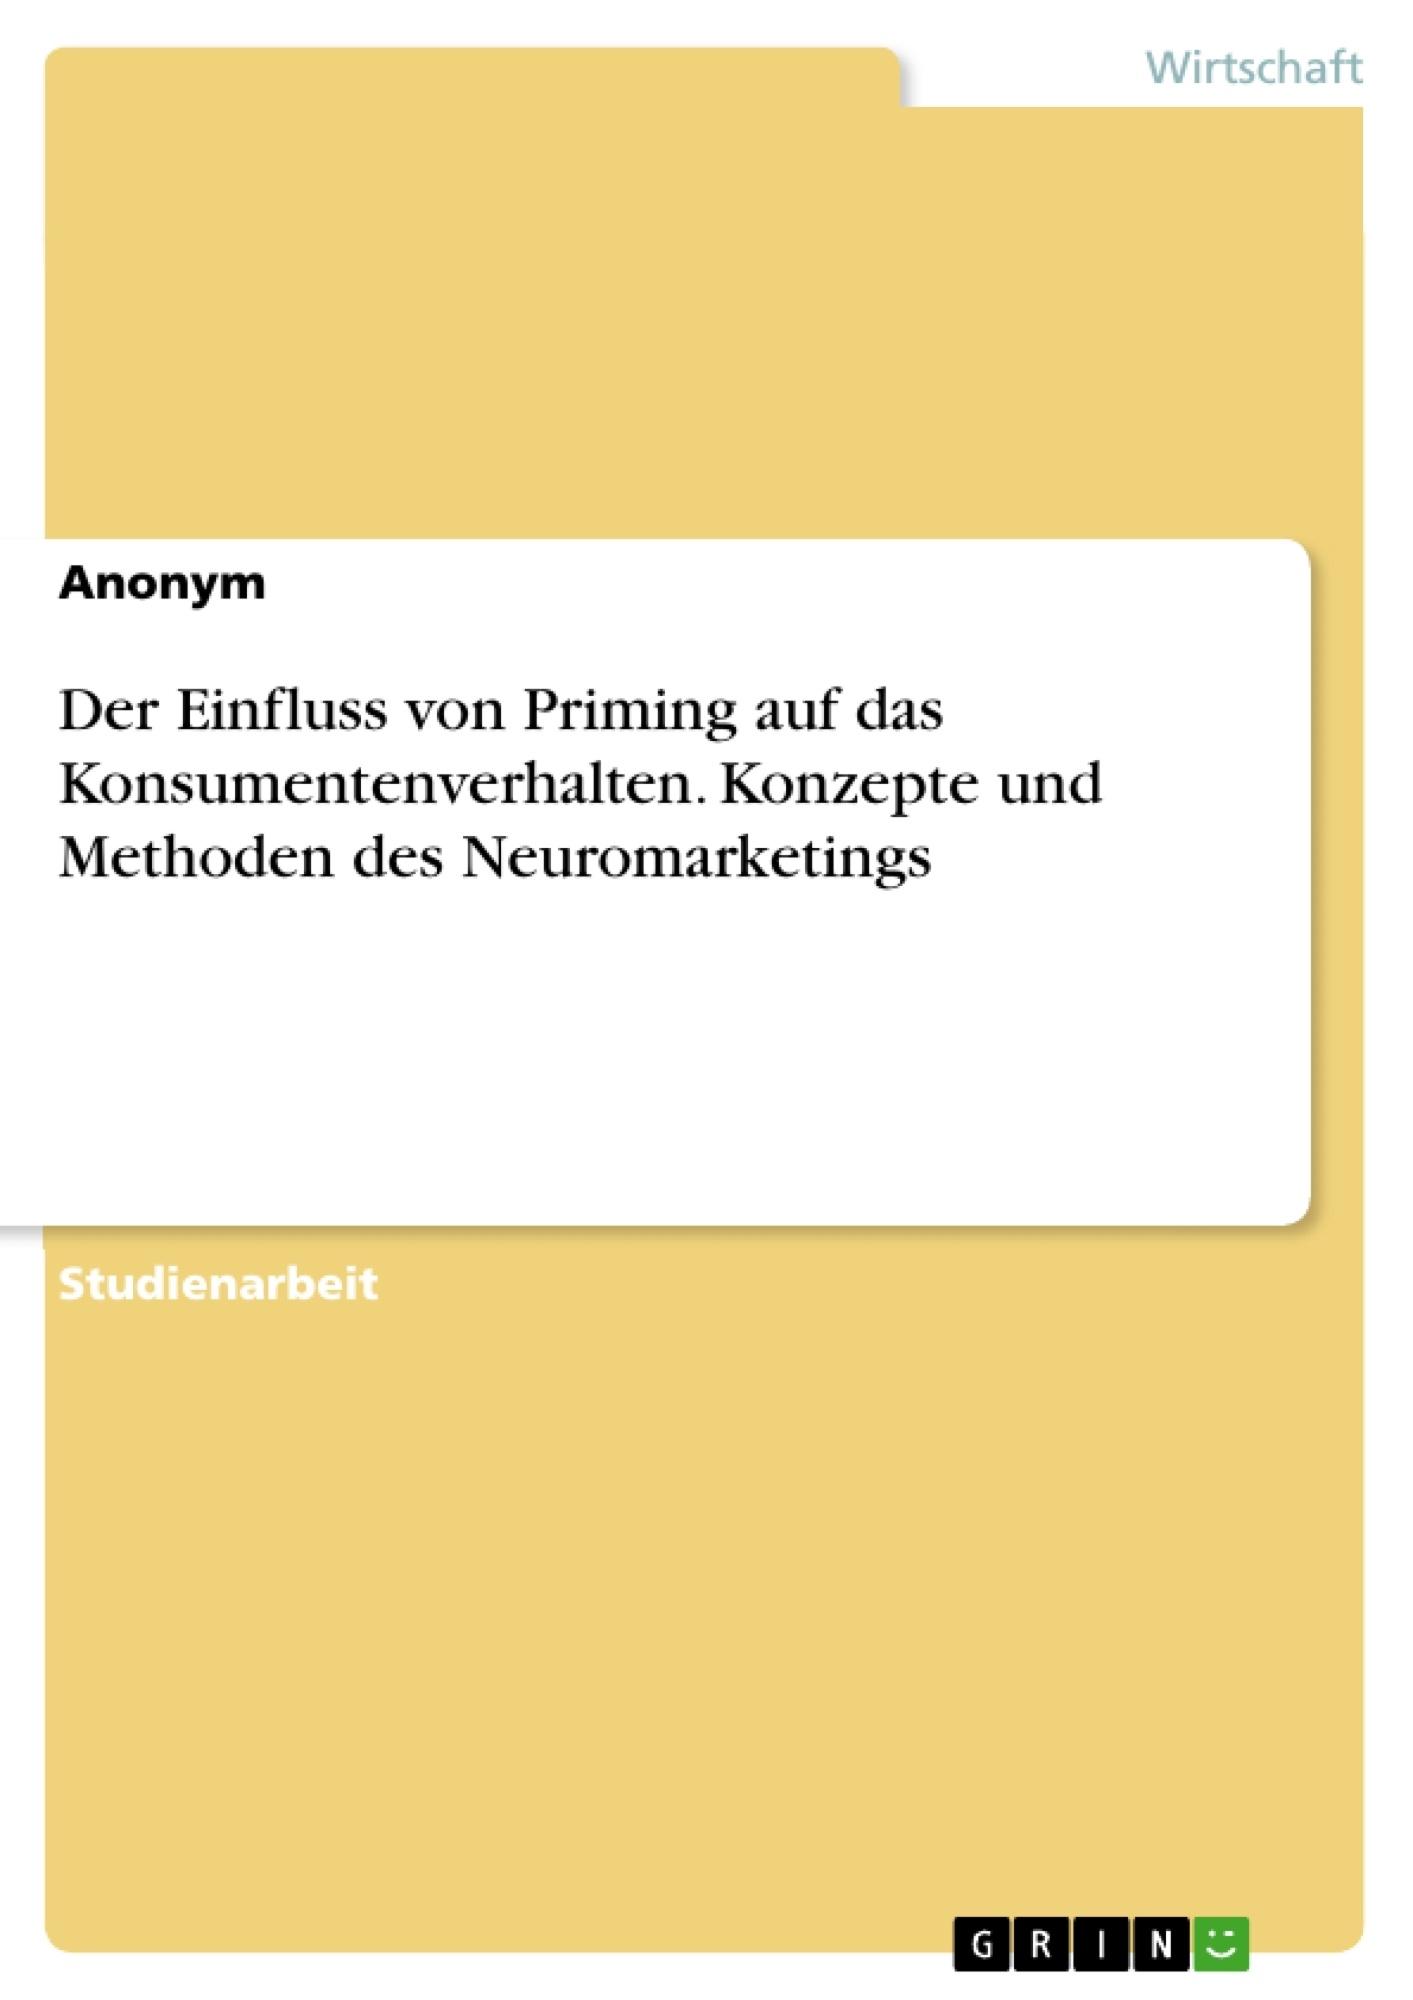 Titel: Der Einfluss von Priming auf das Konsumentenverhalten. Konzepte und Methoden des Neuromarketings